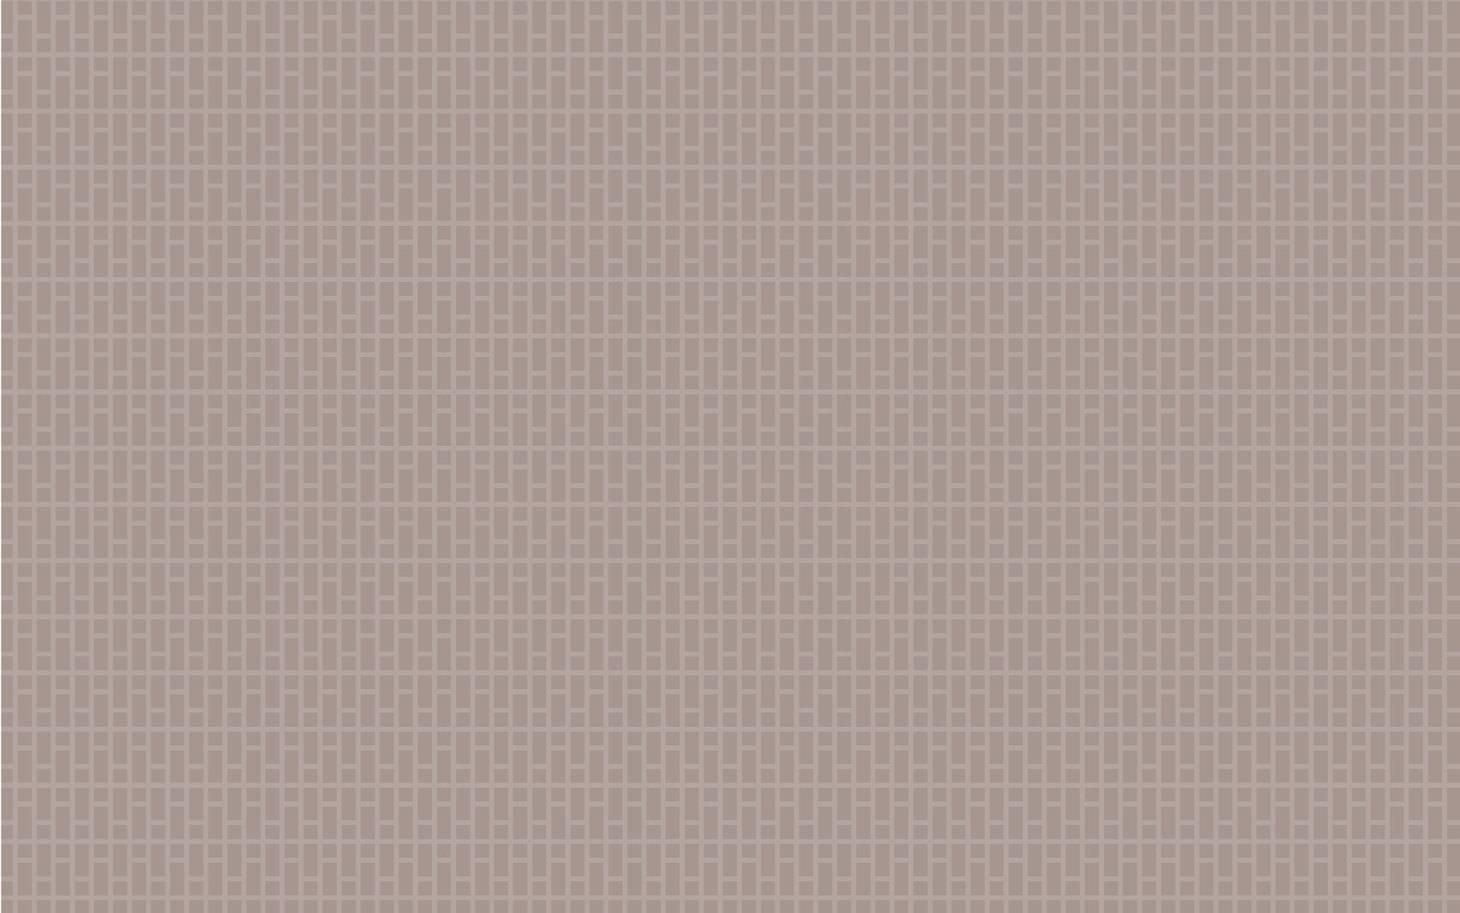 CHA_夏綠地_pattern_20150213_8.jpg